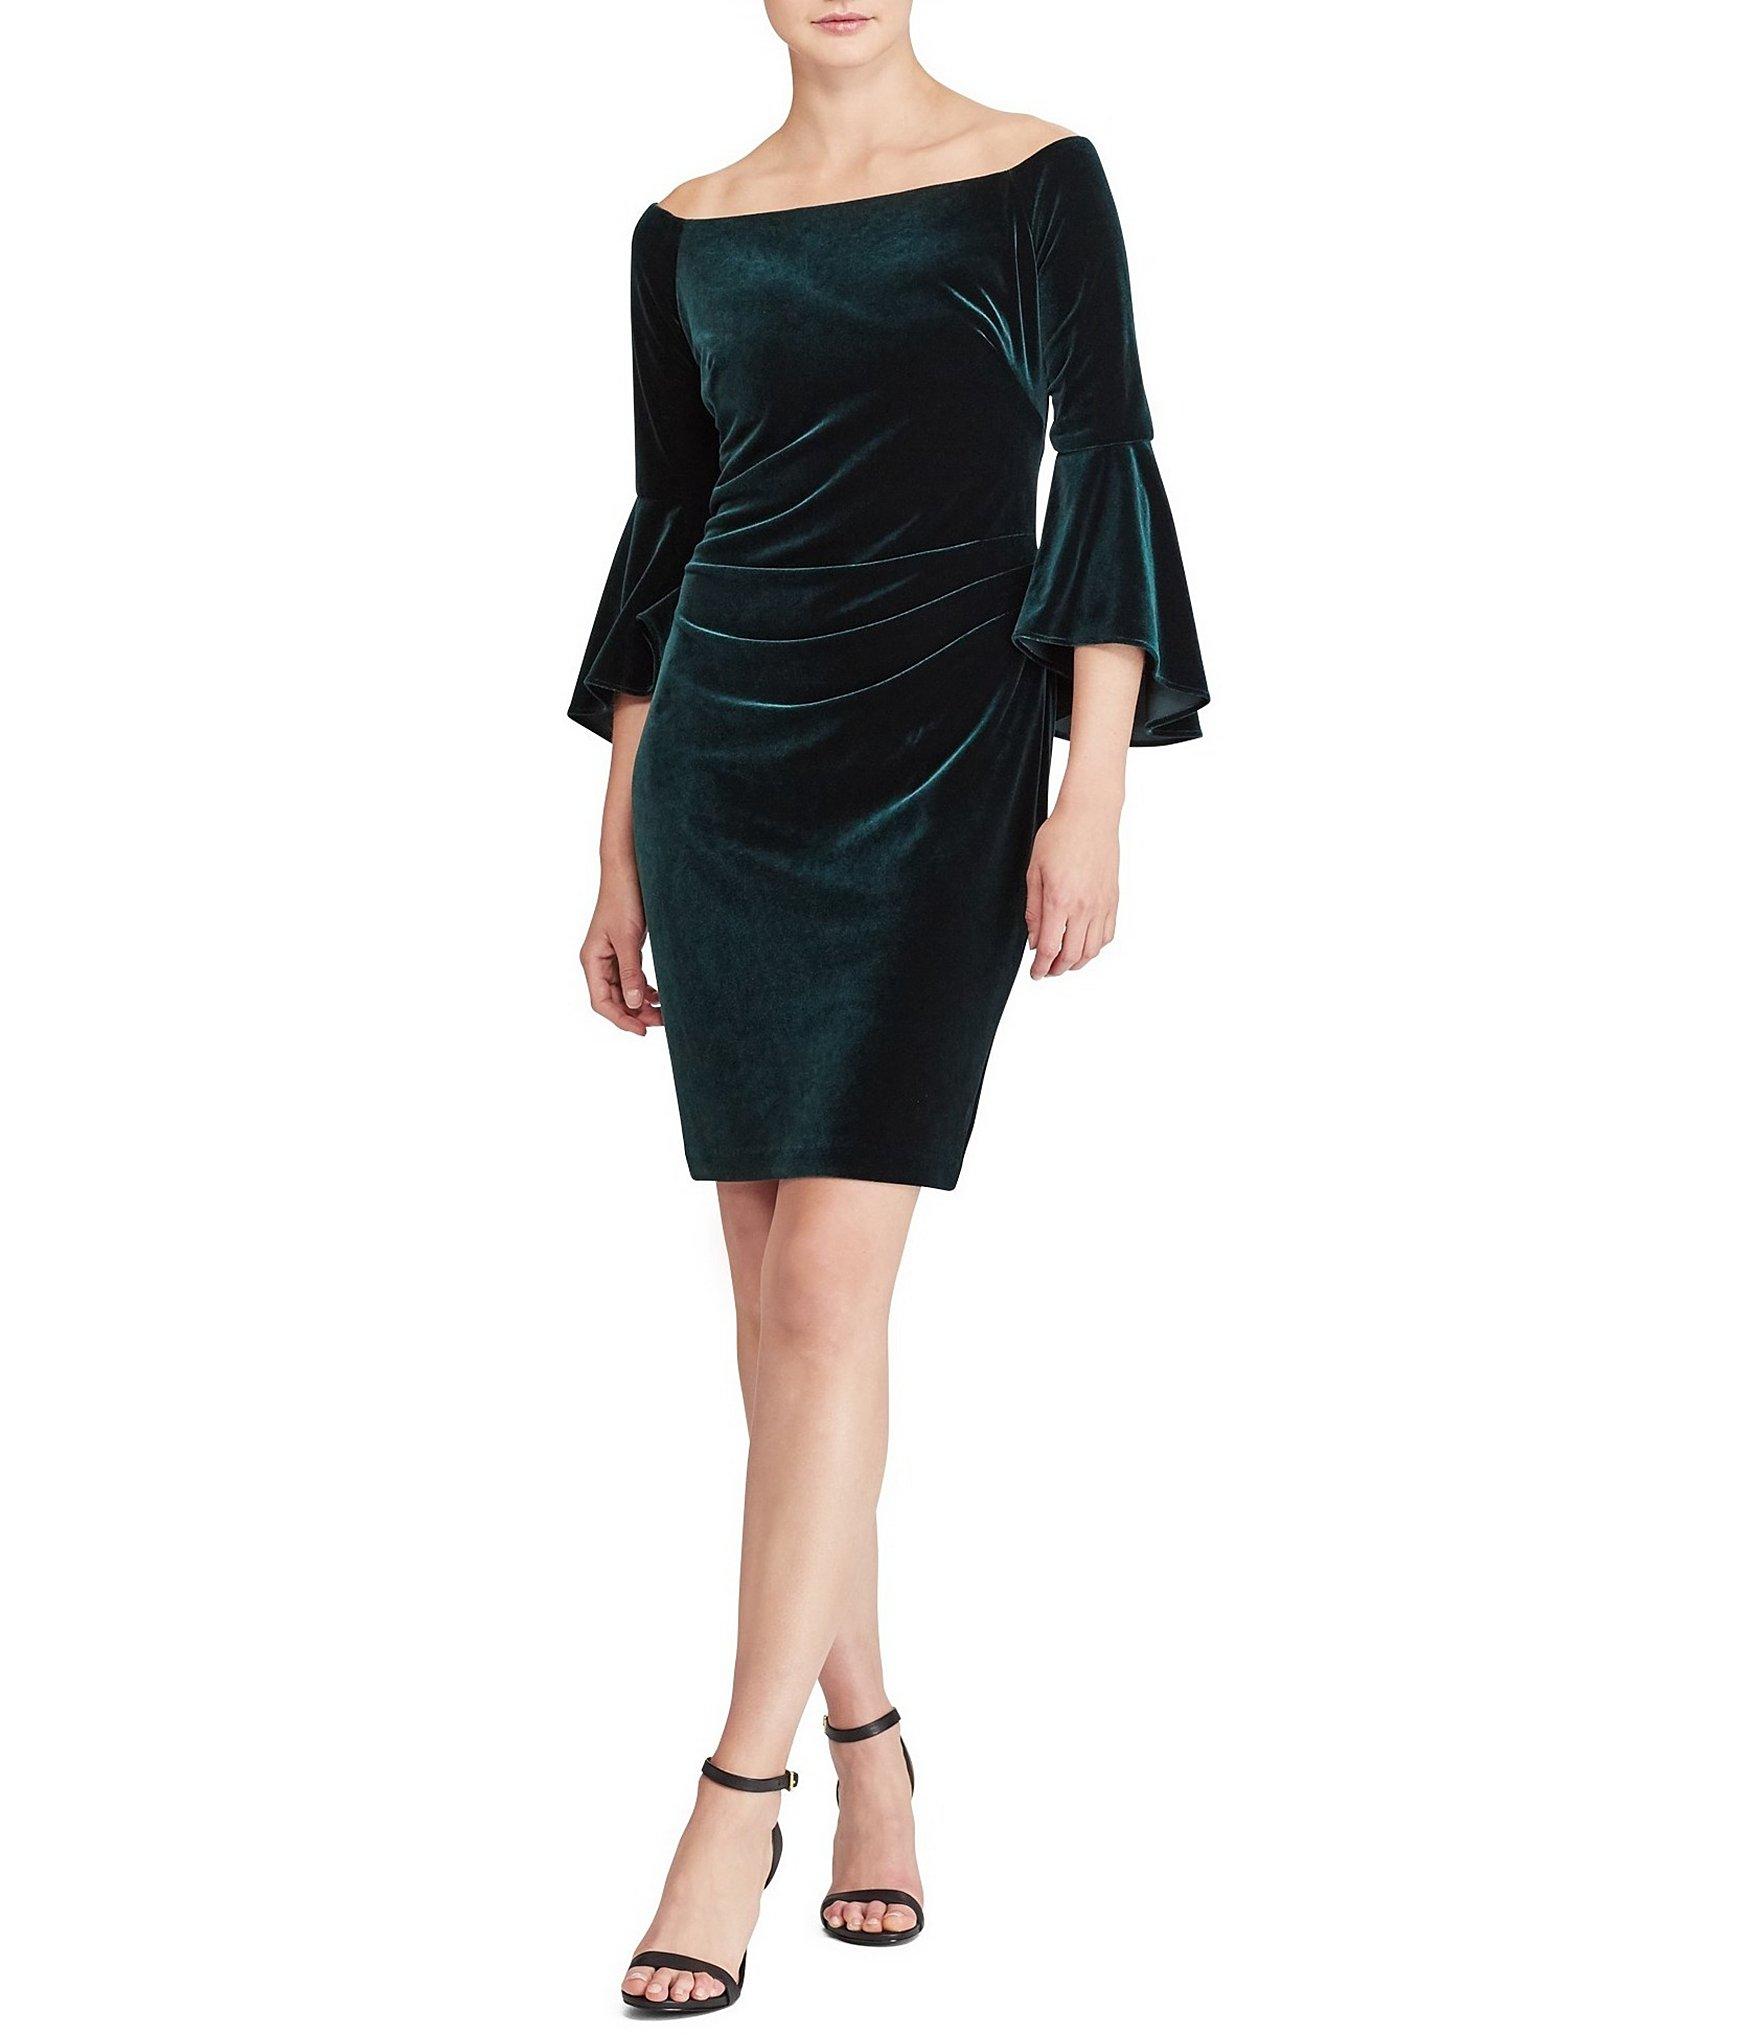 velvet dress velvet: womenu0027s dresses u0026 gowns | dillards.com vqgttqi